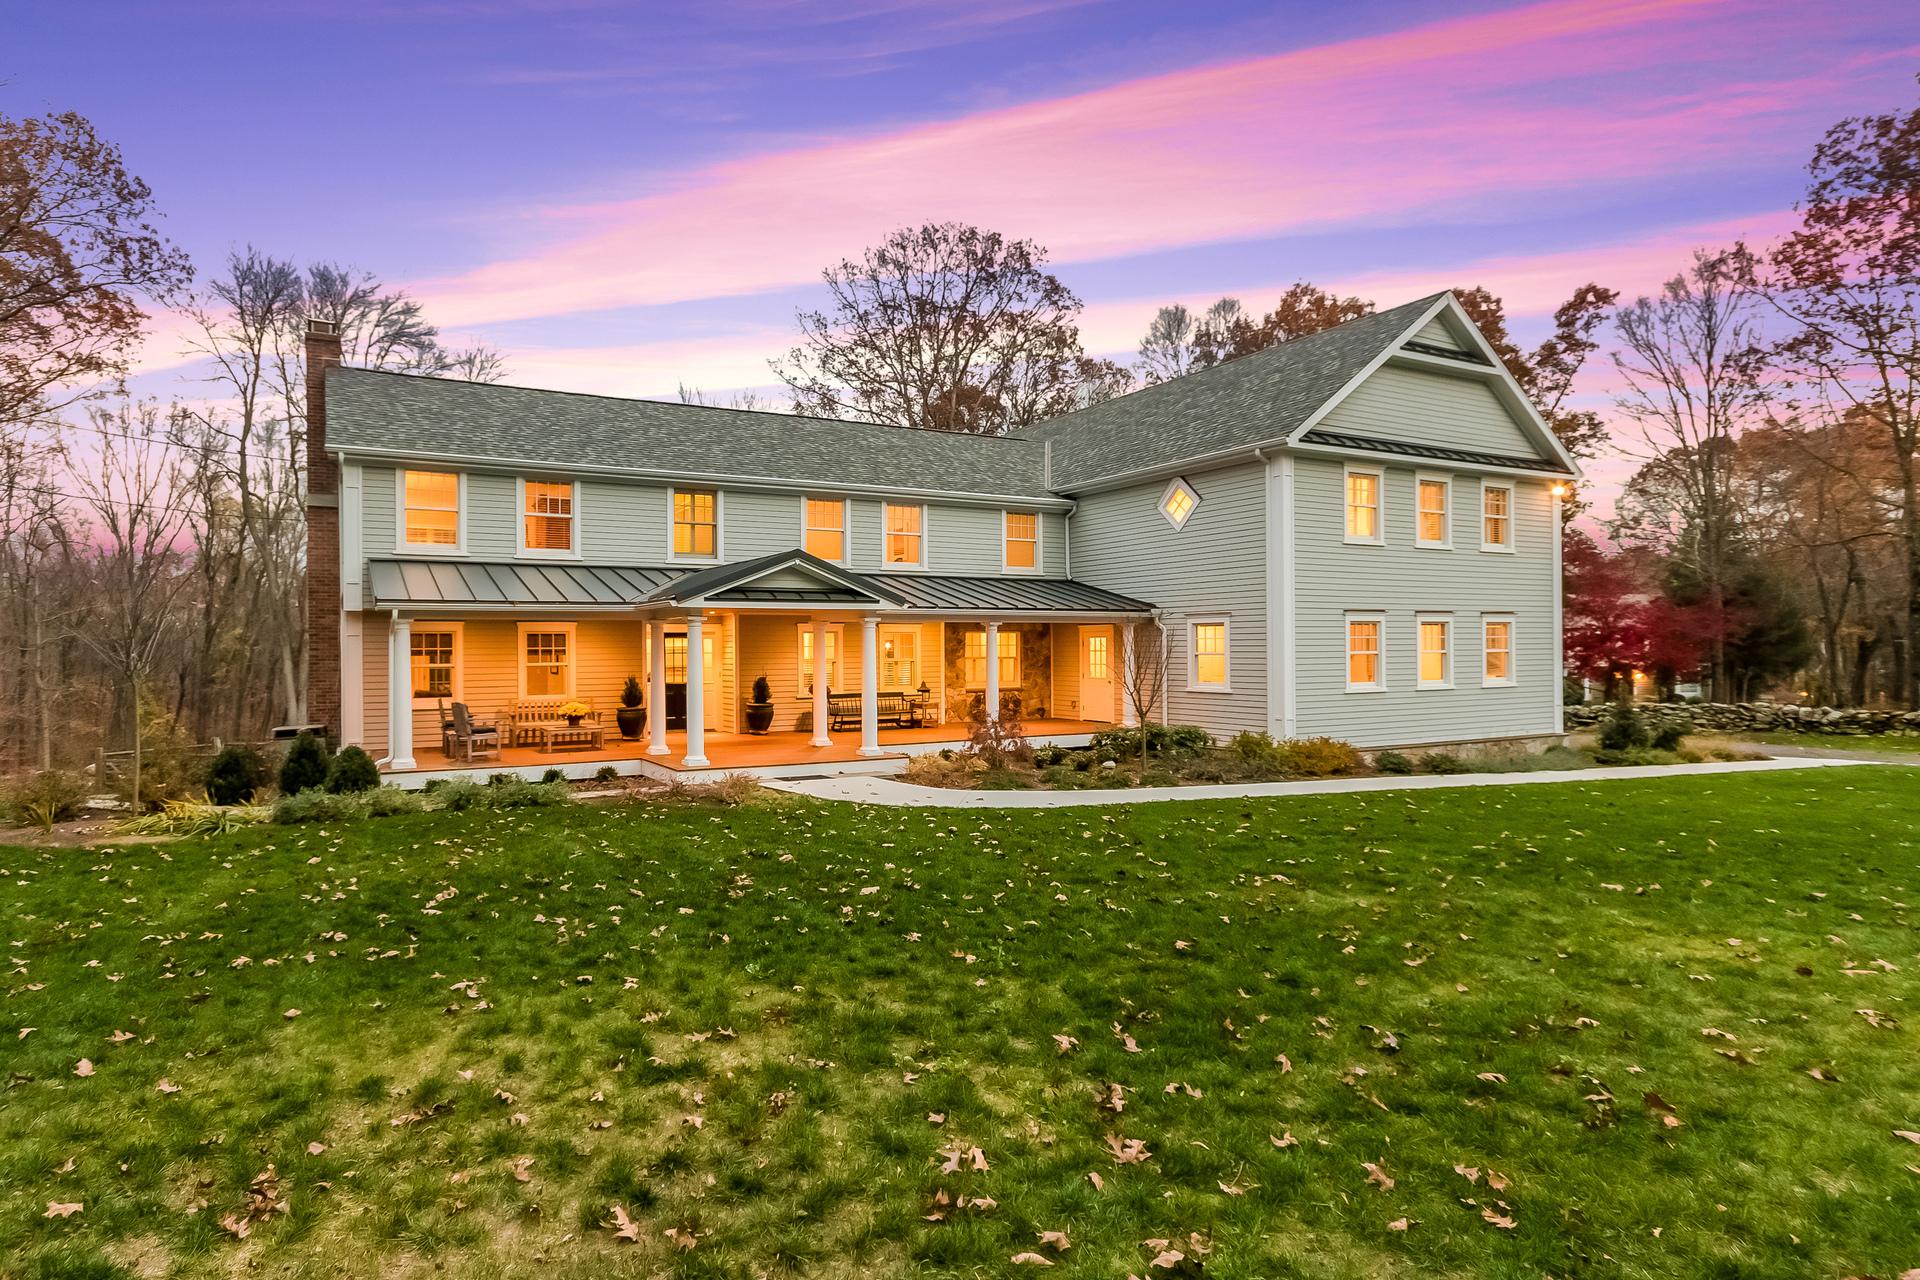 独户住宅 为 销售 在 82 Pipers Hill Road 威尔顿, 康涅狄格州, 06897 美国